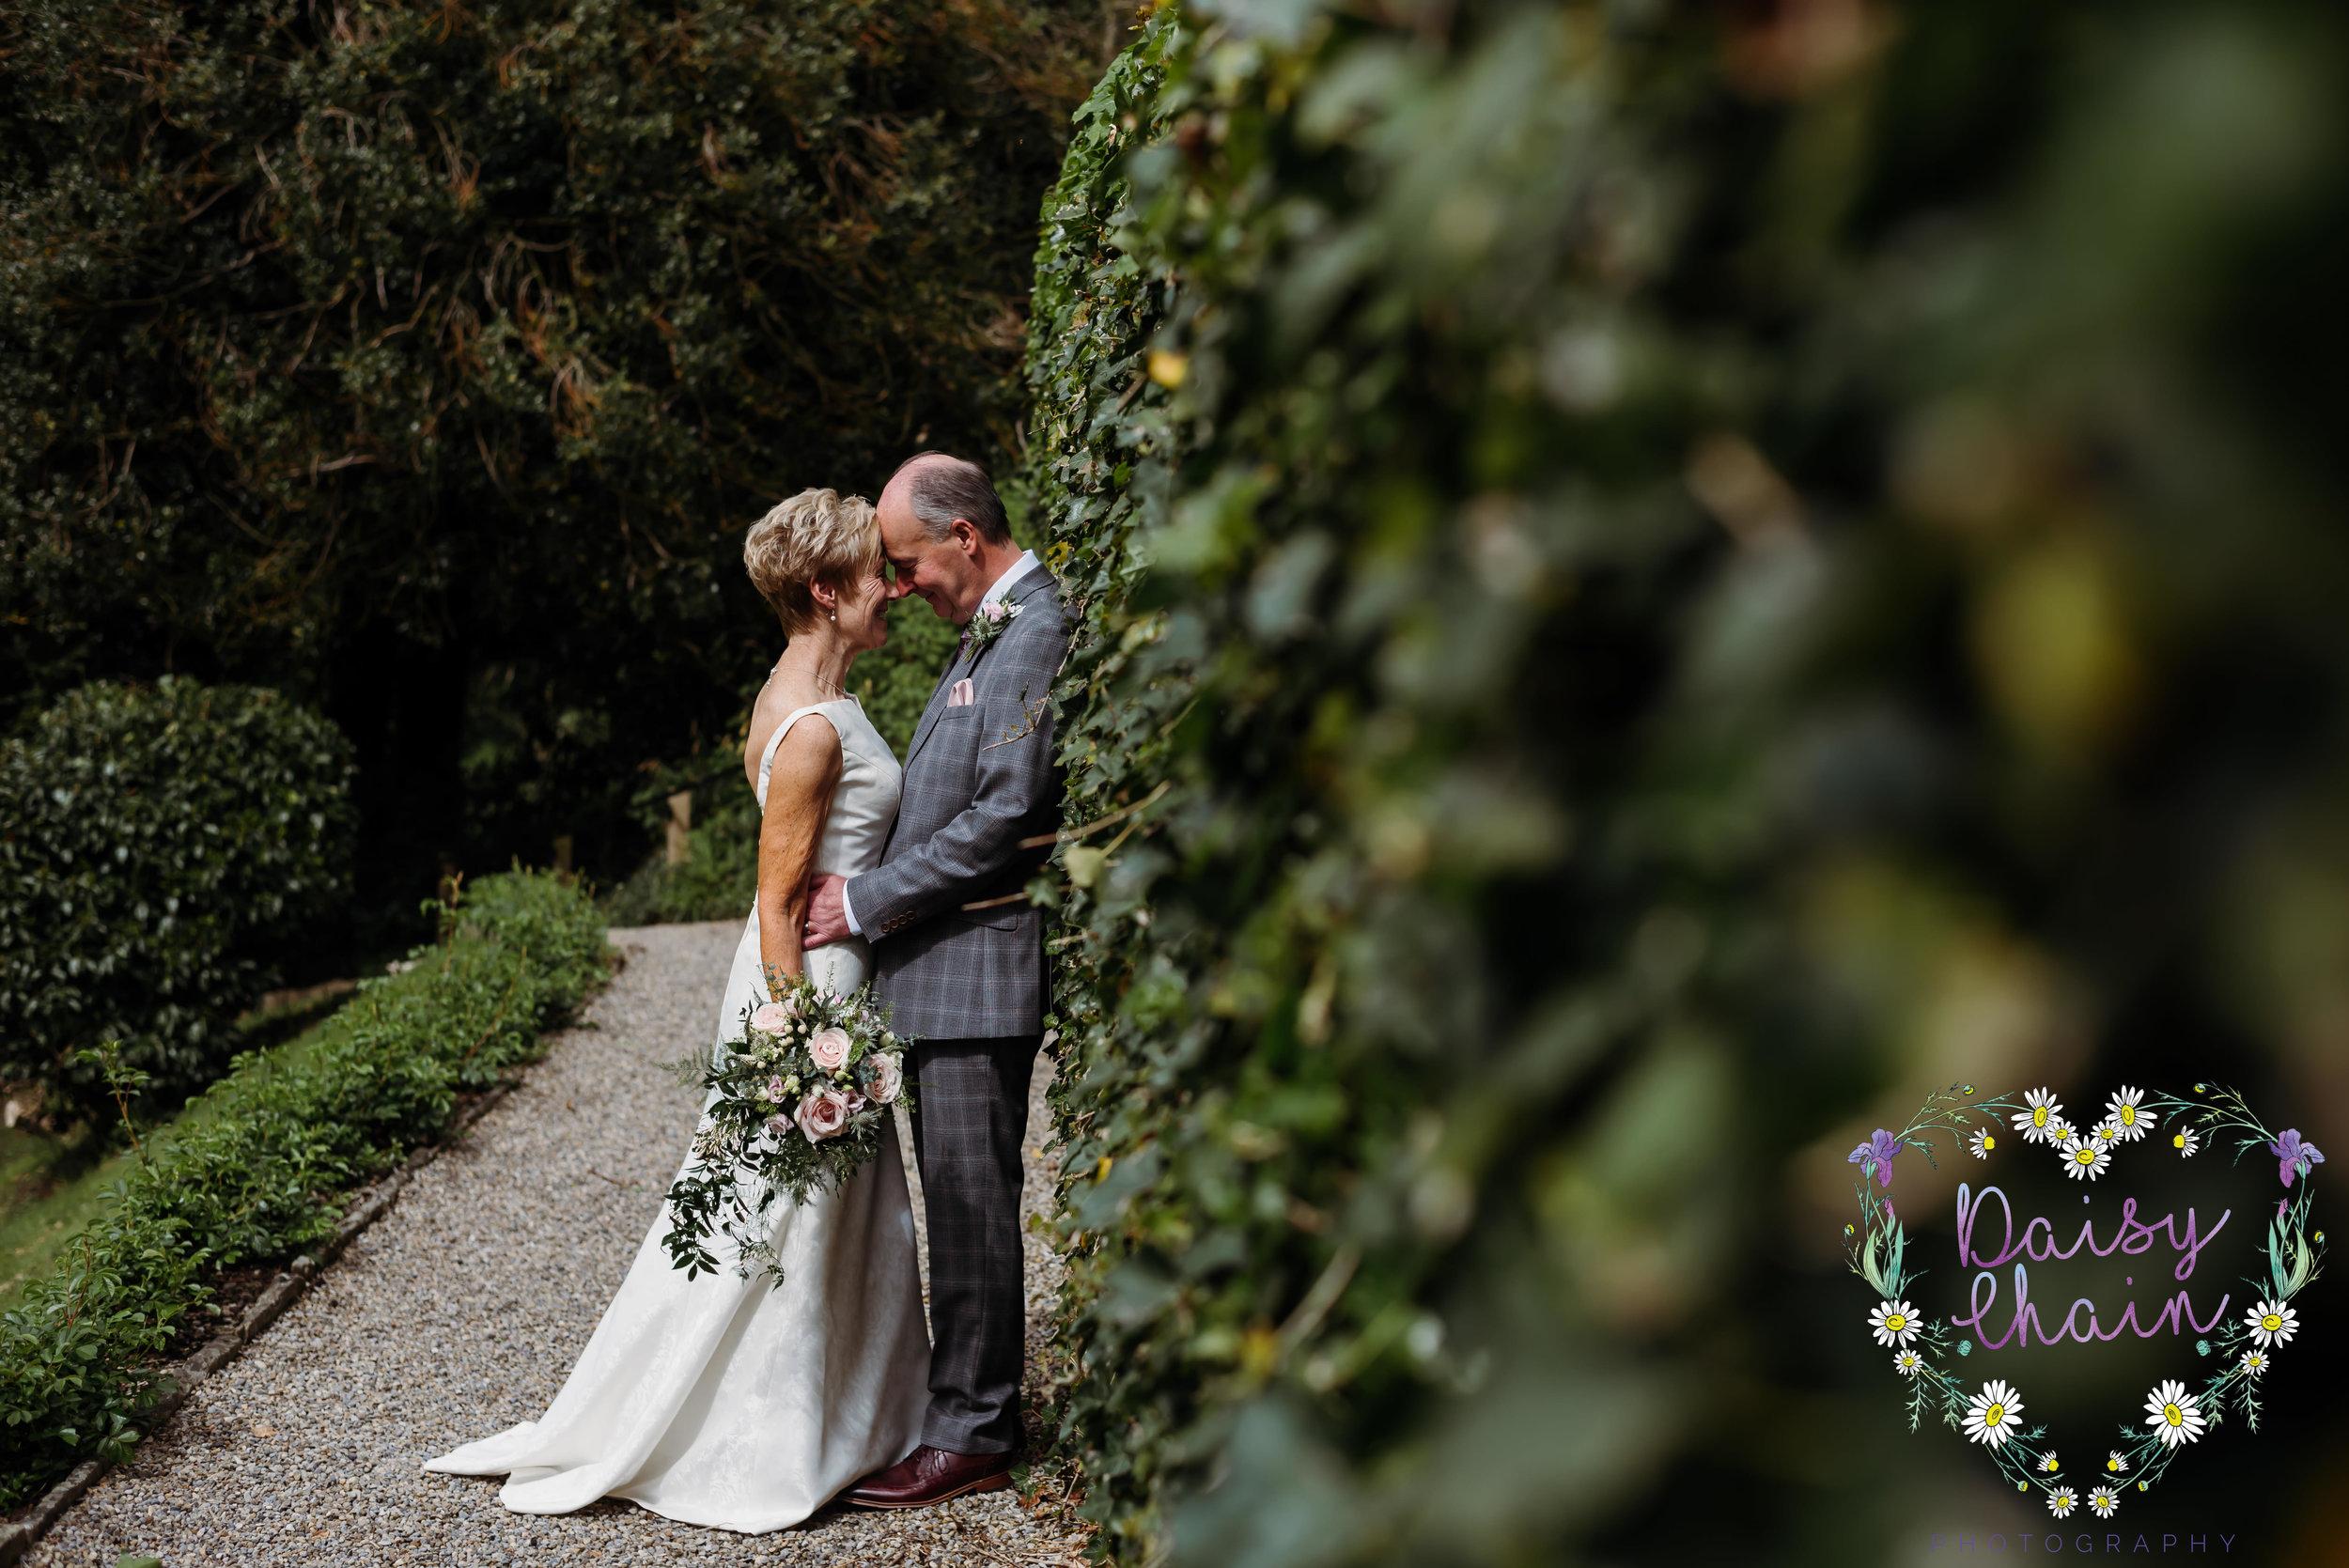 Mitton Hall wedding - garden